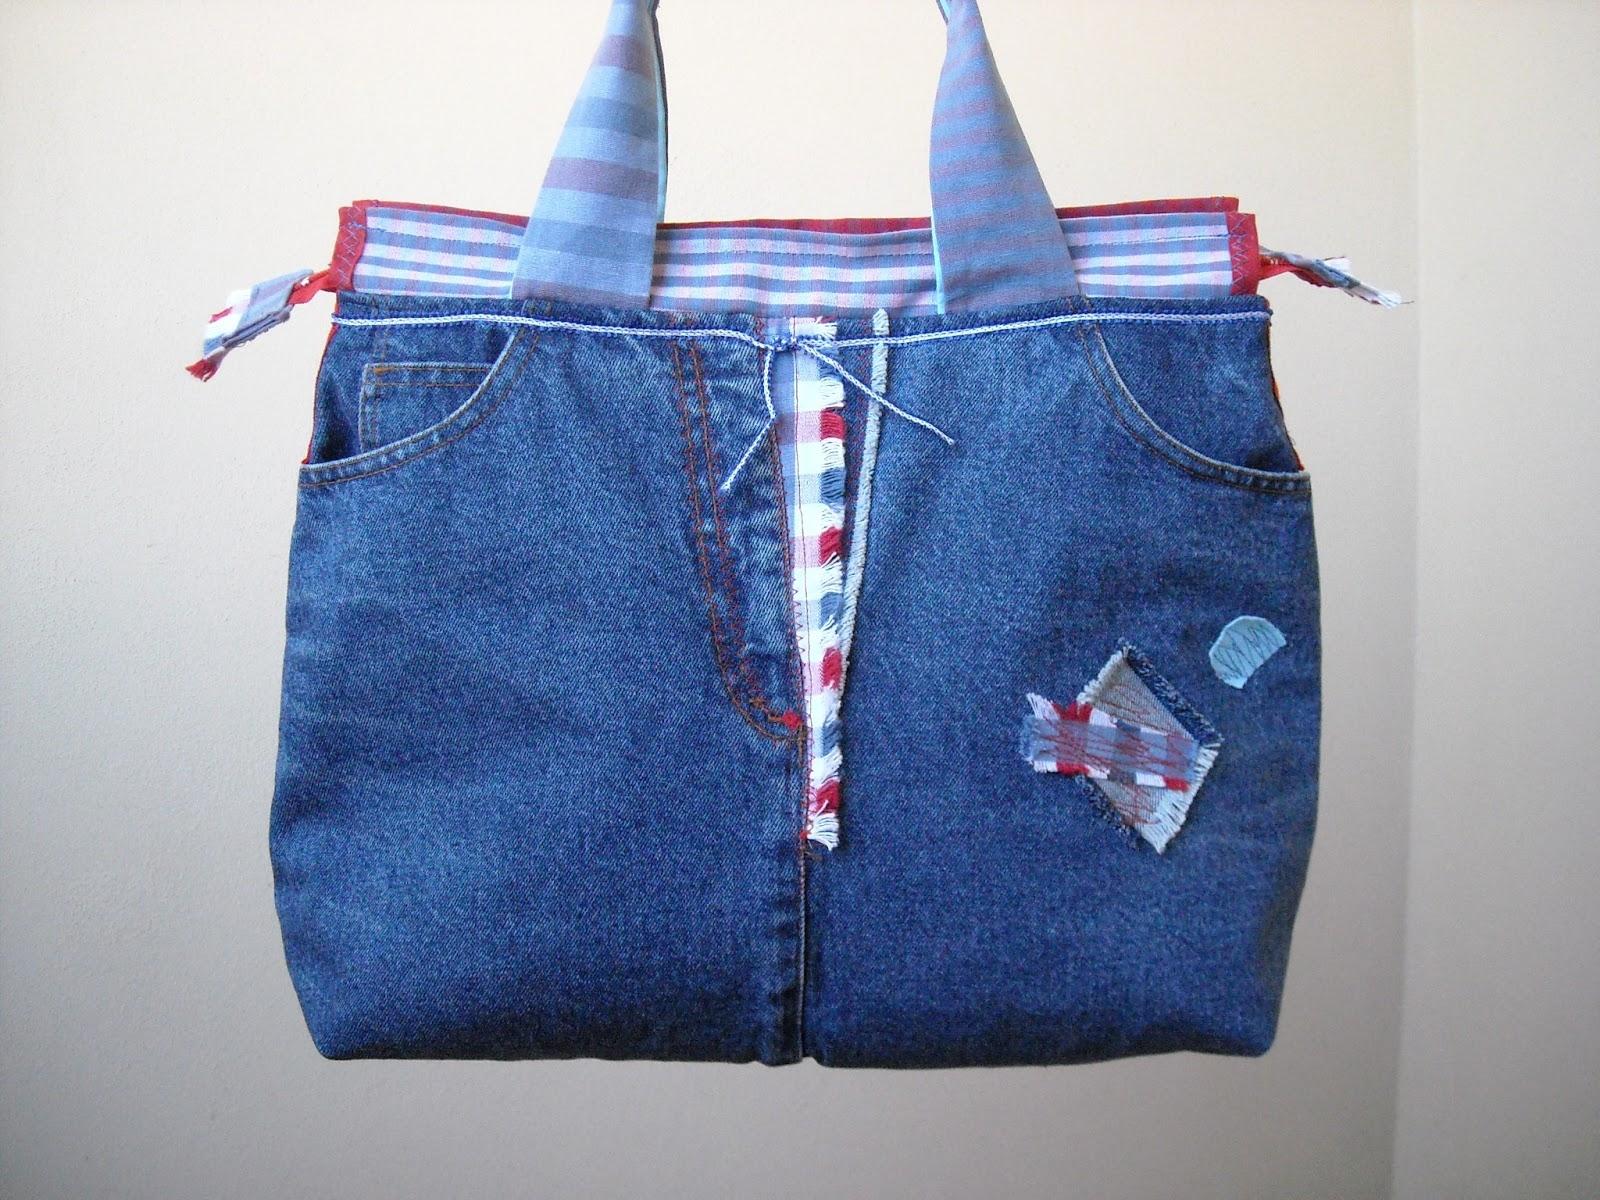 zaini e borse fai da te con jeans riciclati terra nuova